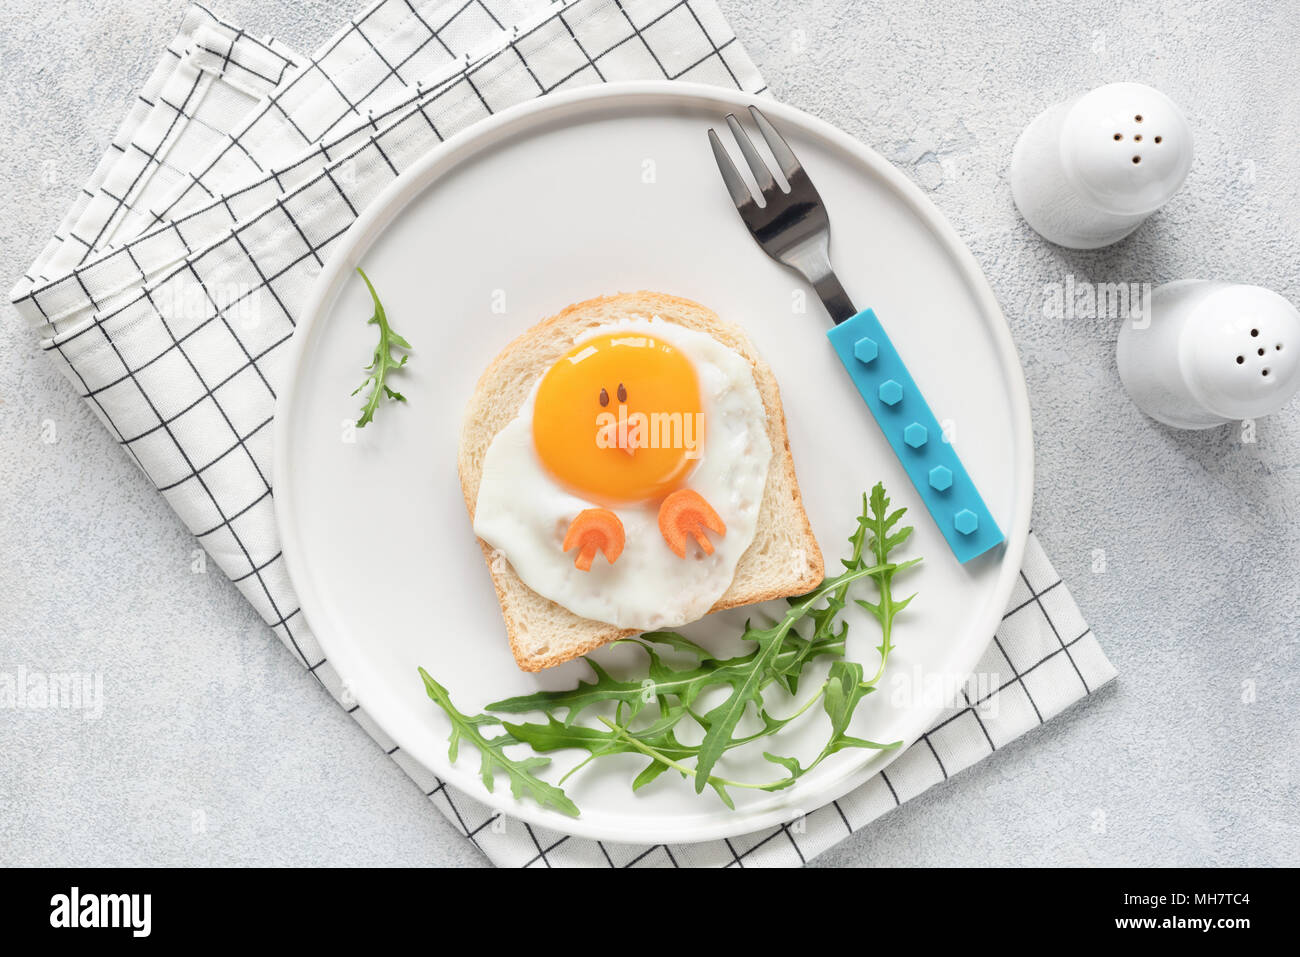 Lustige Frühstück für Kinder Cute. Huhn geformte Sandwich oder Toast auf weiße Platte. Food Art Idee. Flach. Tabelle Ansicht von oben Stockbild